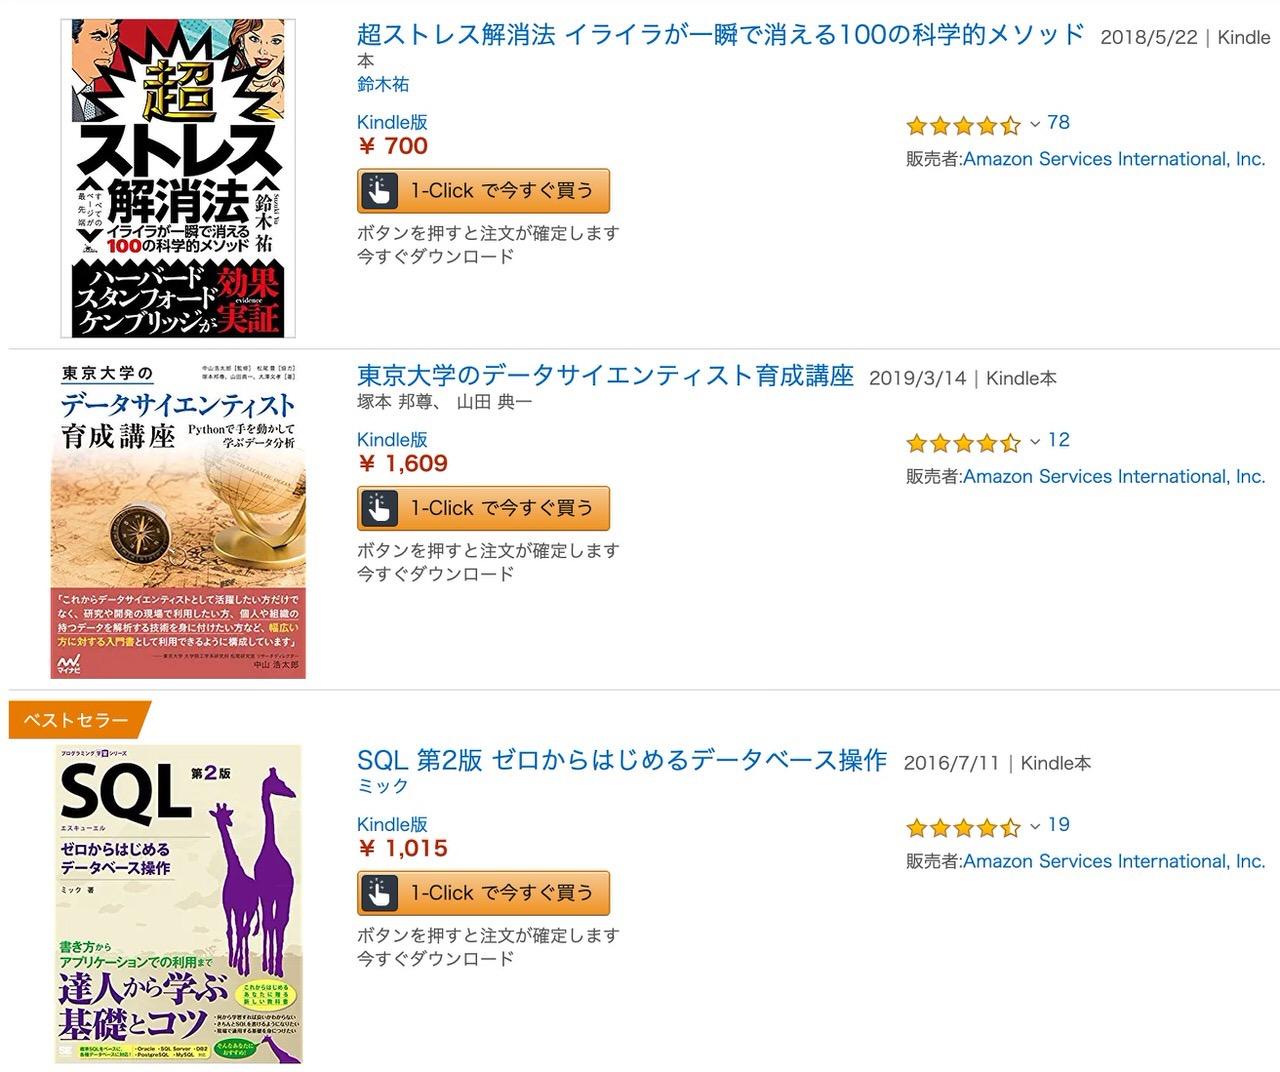 【Kindleセール】ITや語学など1,000冊以上が40%OFF以上になる「専門書フェア」(8/1まで)